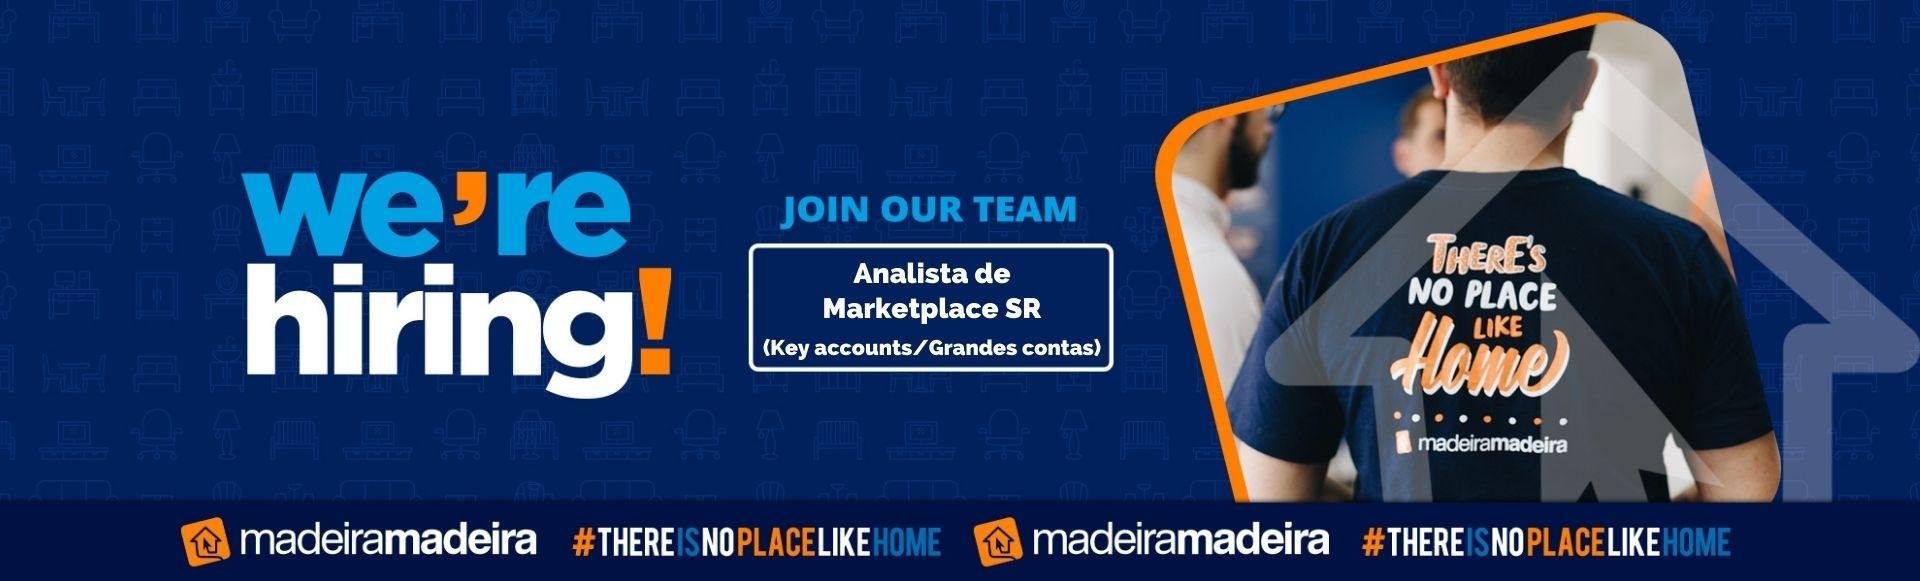 Analista de Marketplace SR (Key accounts / Grandes contas)